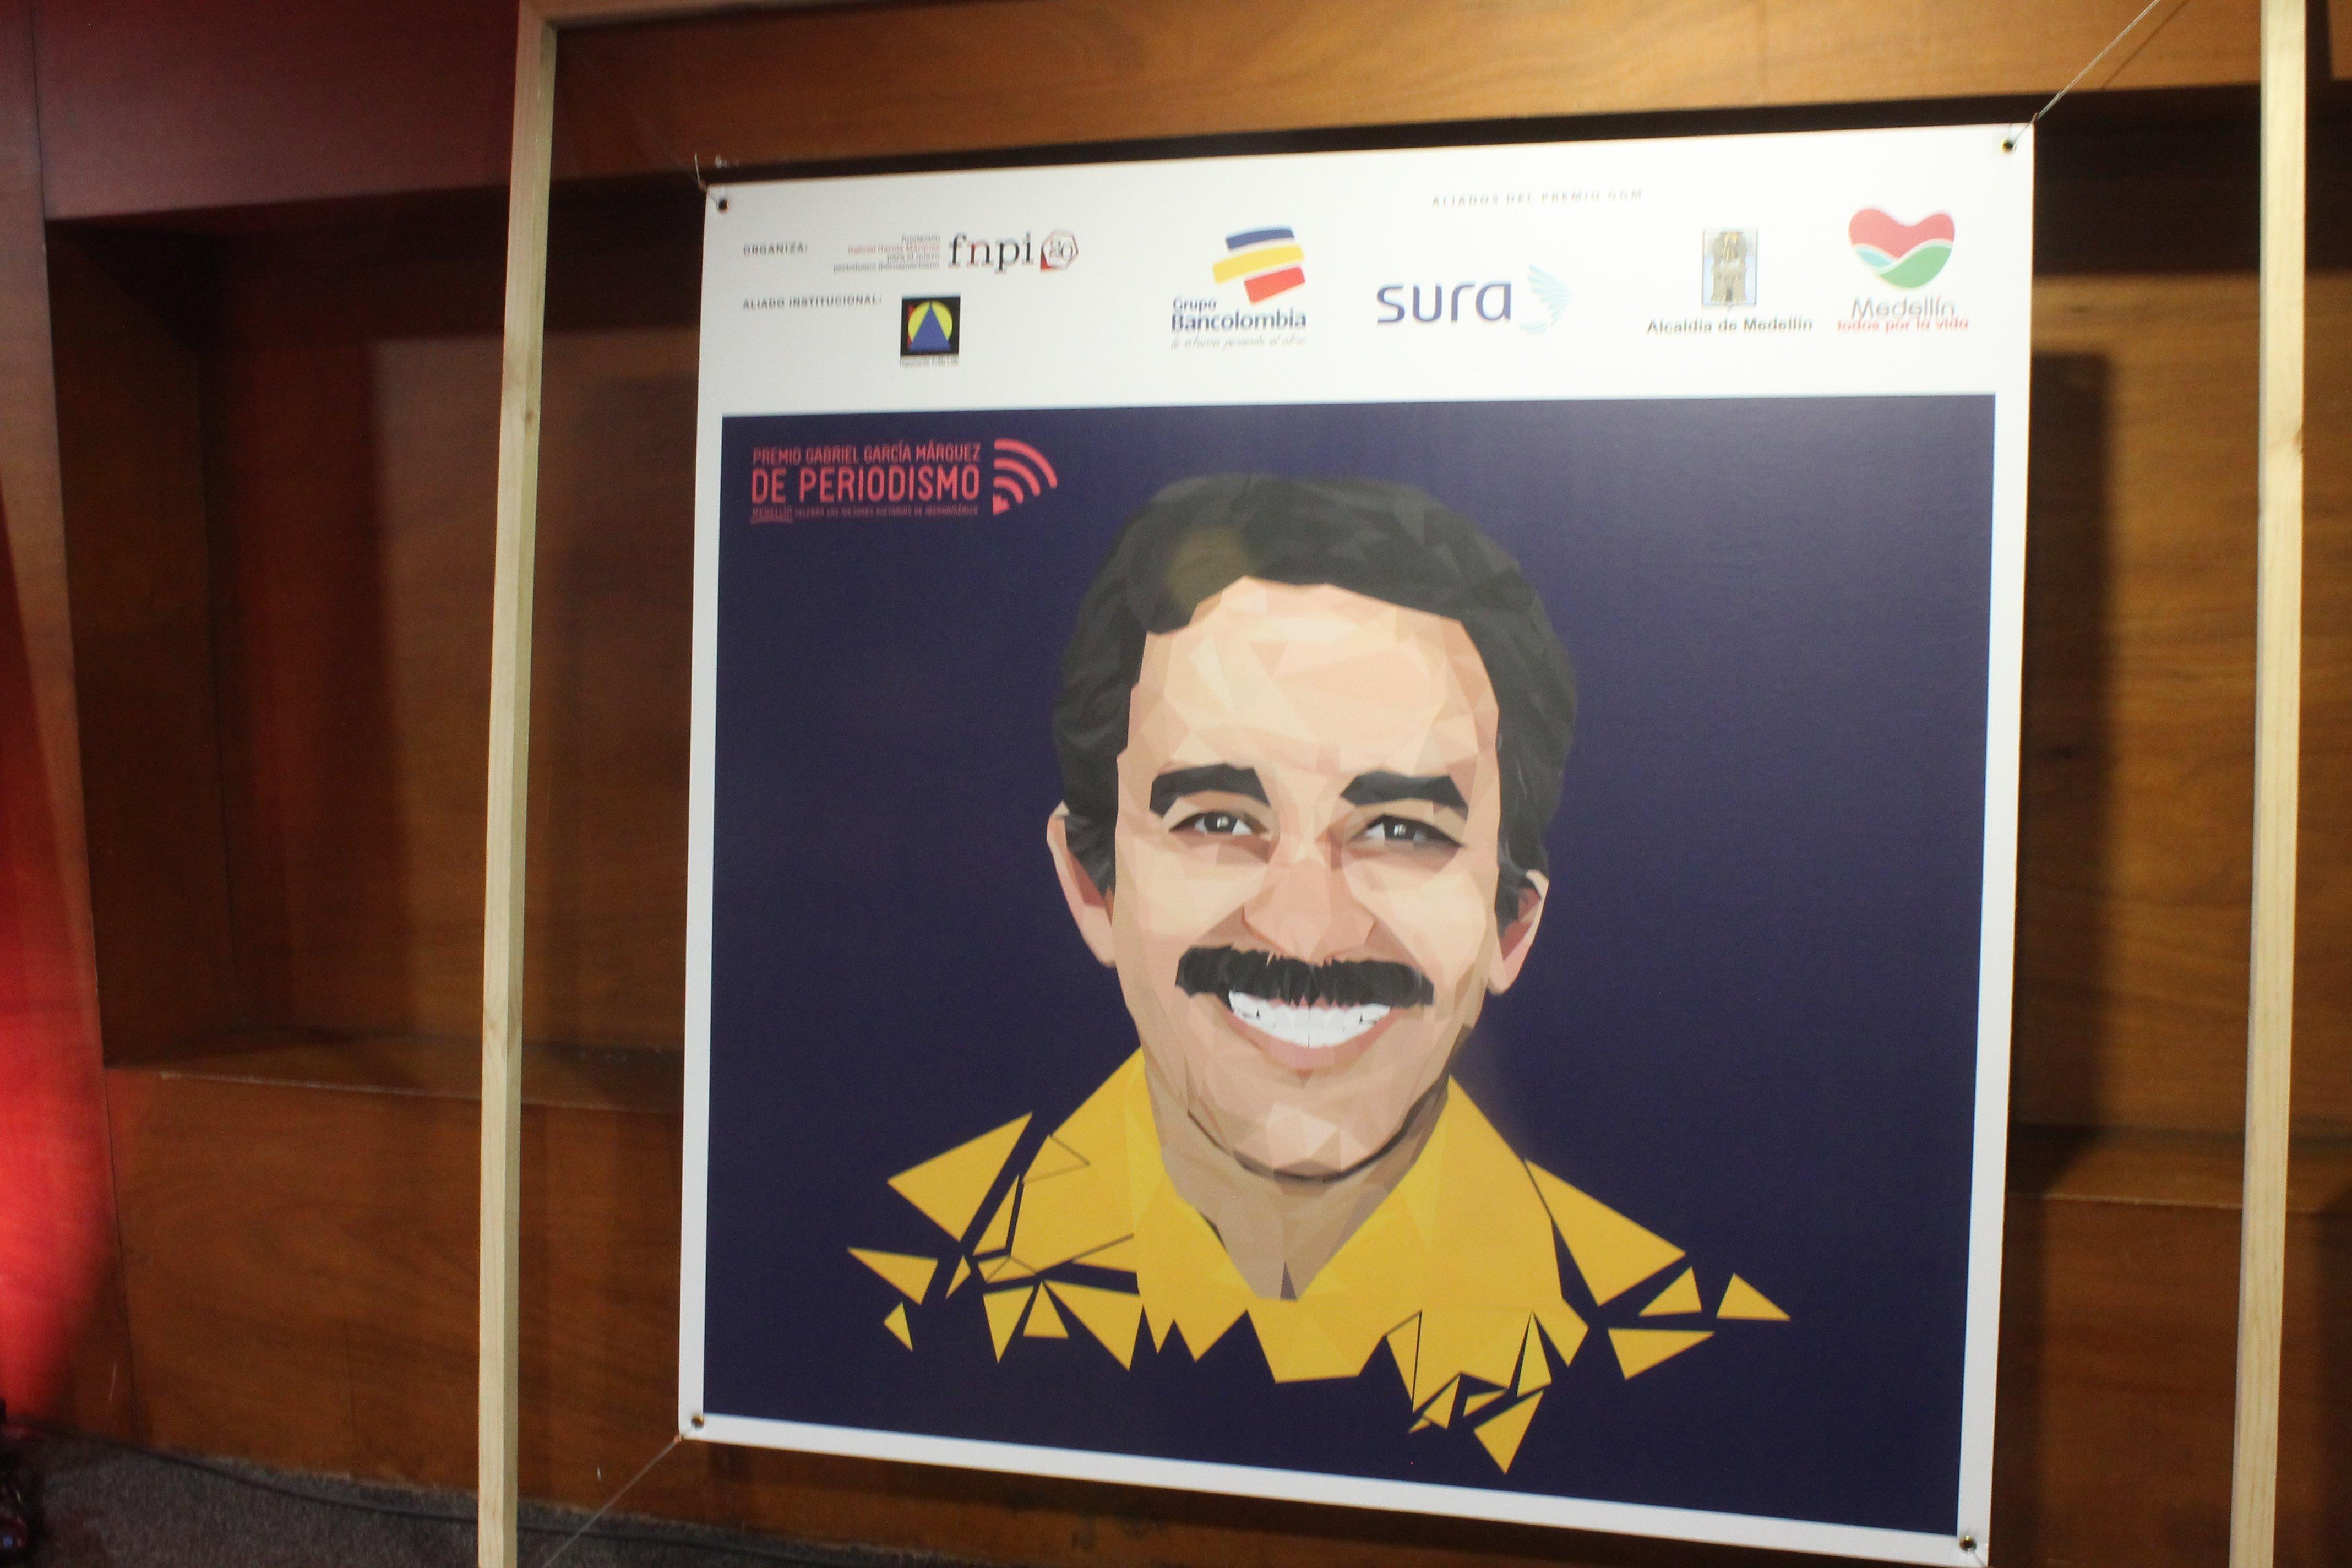 Hasta botamos la cédula en el García Márquez